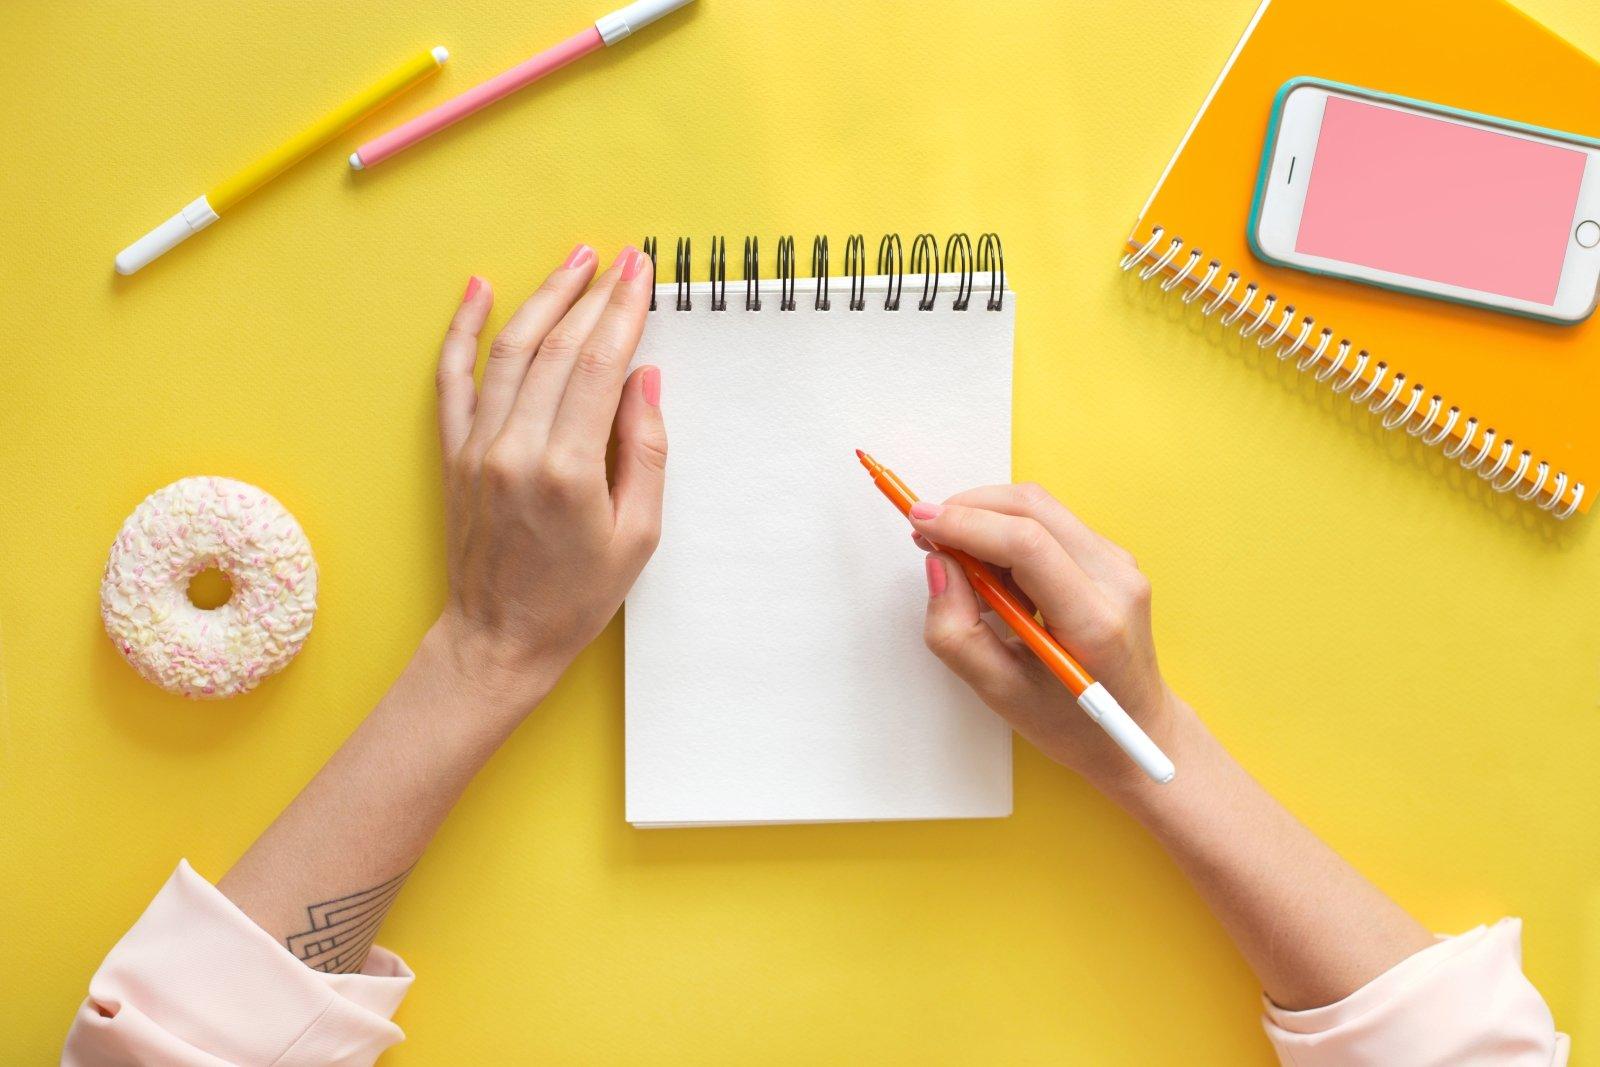 verkkokoulutus pedagoginen käsikirjoitus